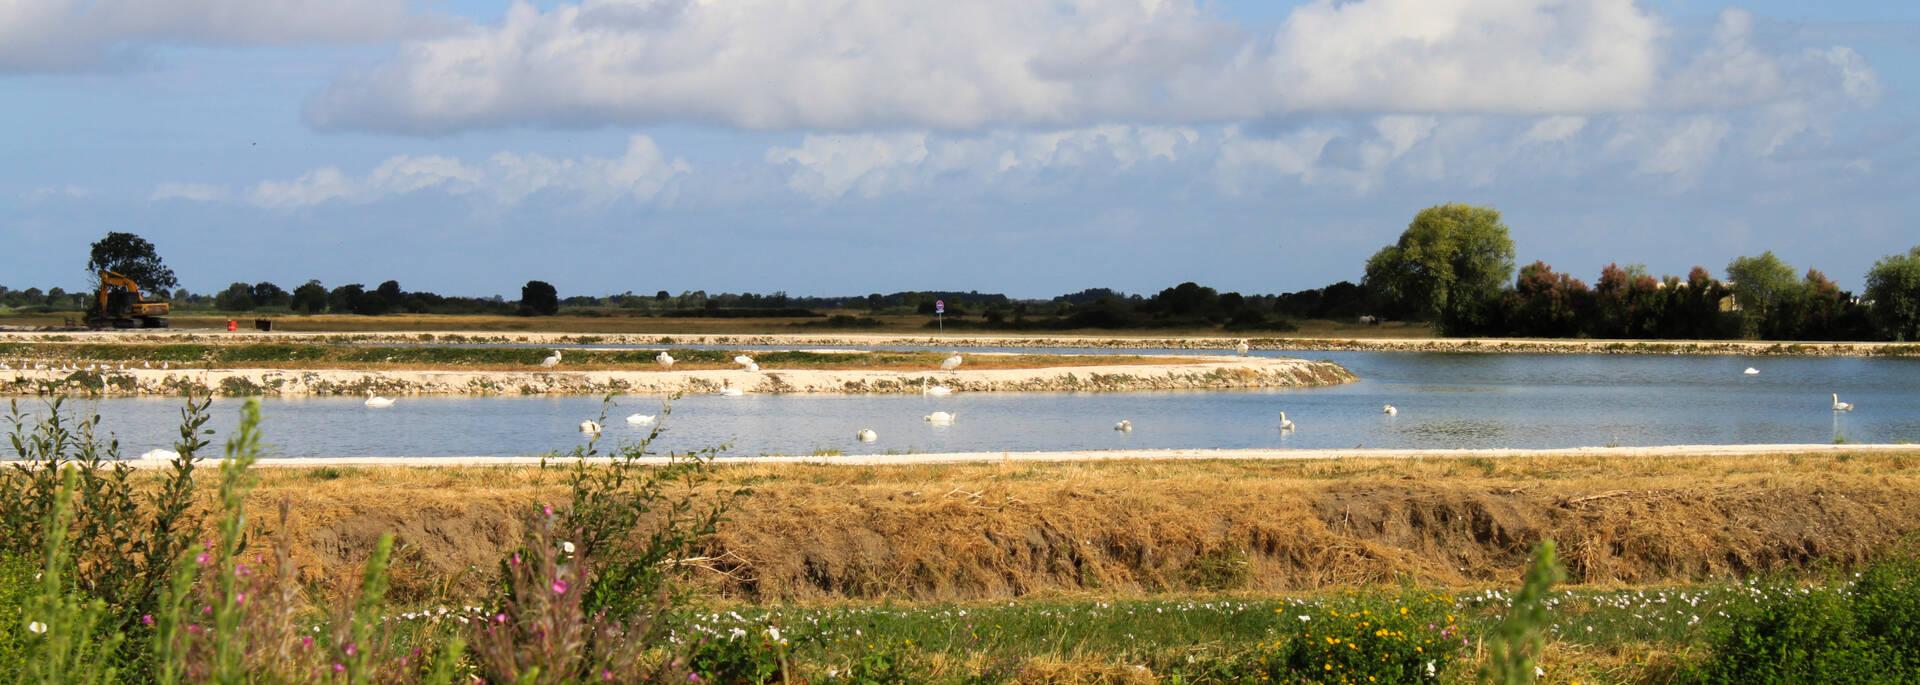 Les sorties nature rochefort oc an office de tourisme de rochefort oc an vacances - Office de tourisme rochefort ocean ...